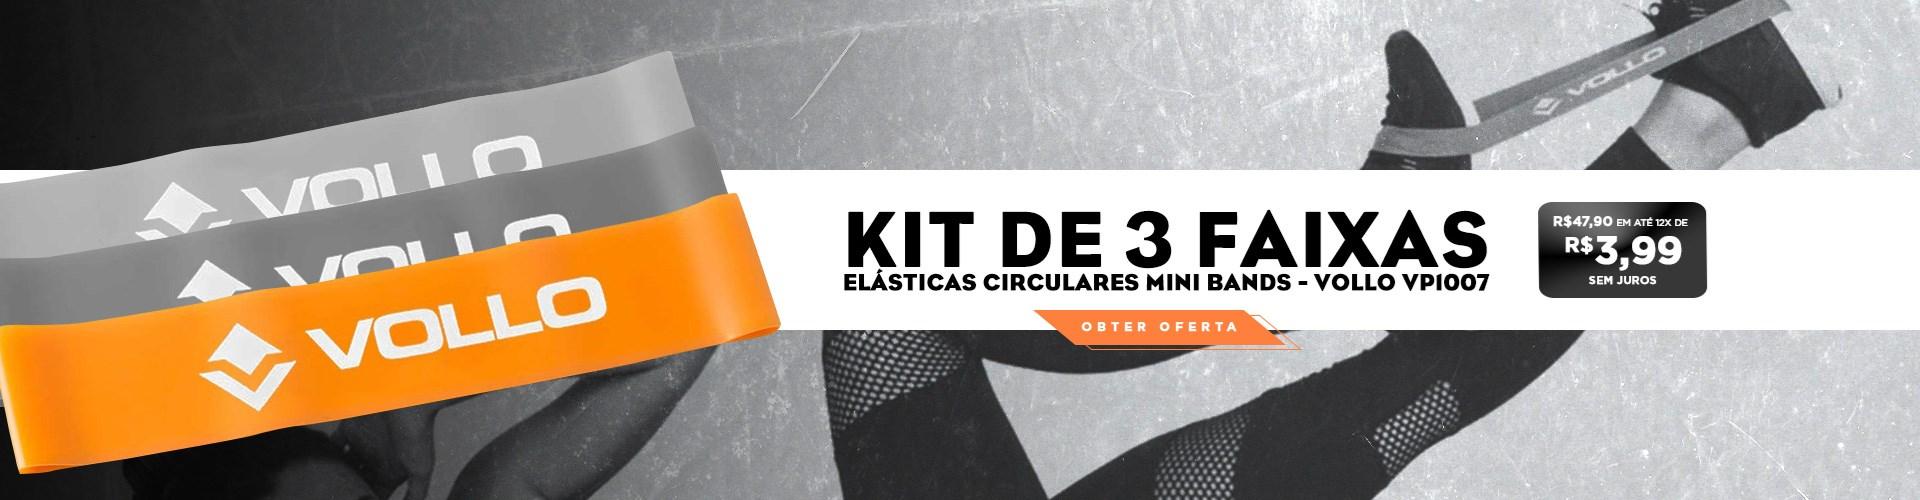 Kit de 3 Faixas Elásticas Circulares Vollo